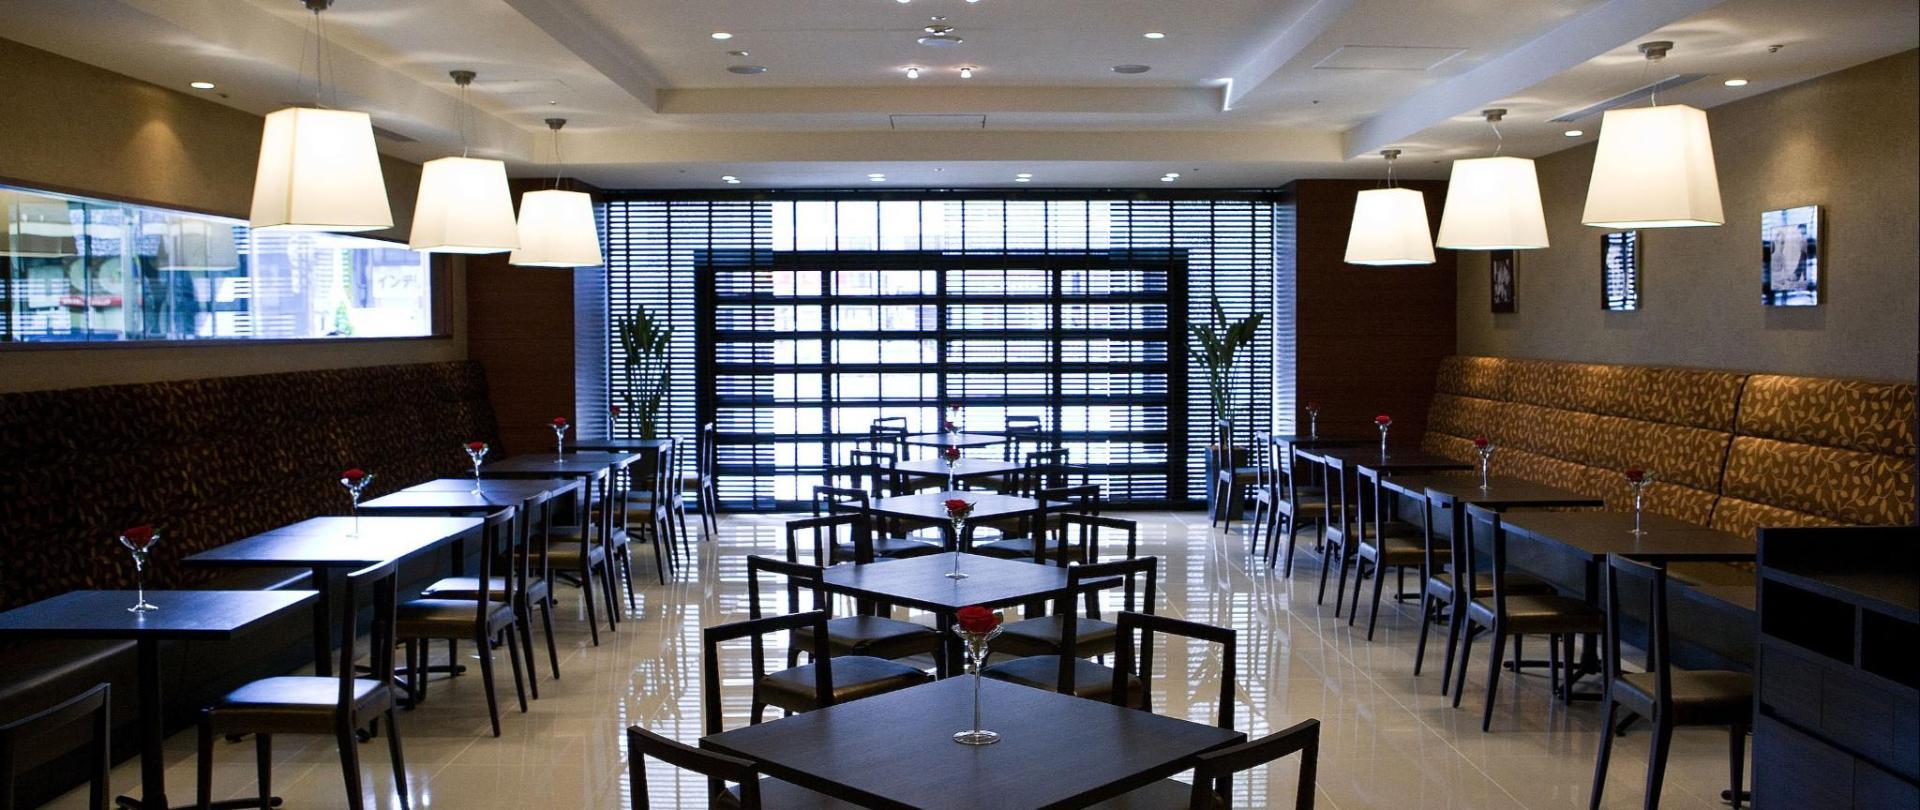 Cafe & Nhà hàng Oasis.jpg